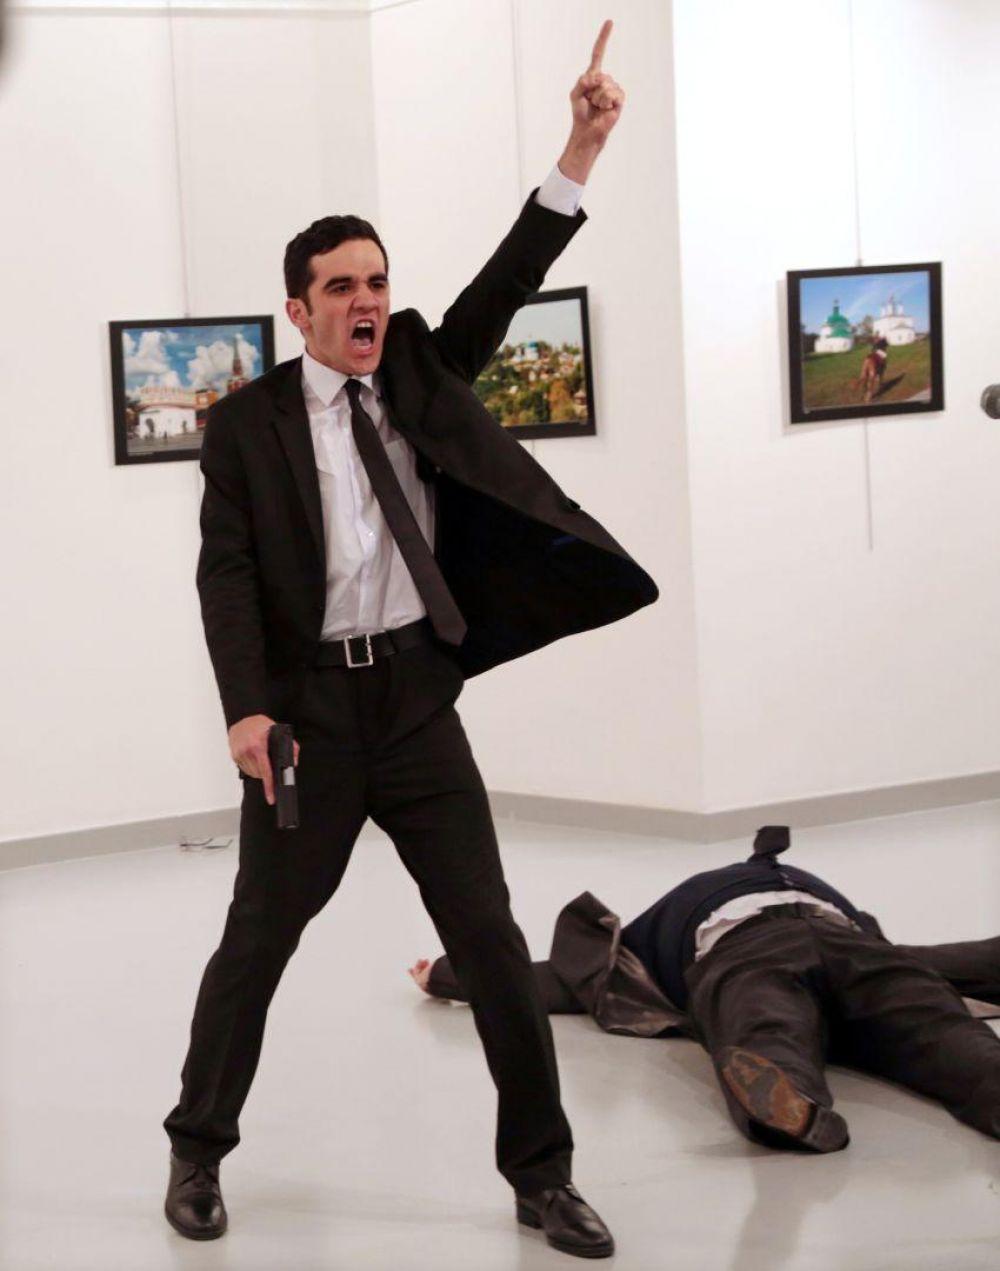 Победителем всего фотоконкурса от World Press Photo стало изображение убийцы, который только что застрелил русского посла в Турции.